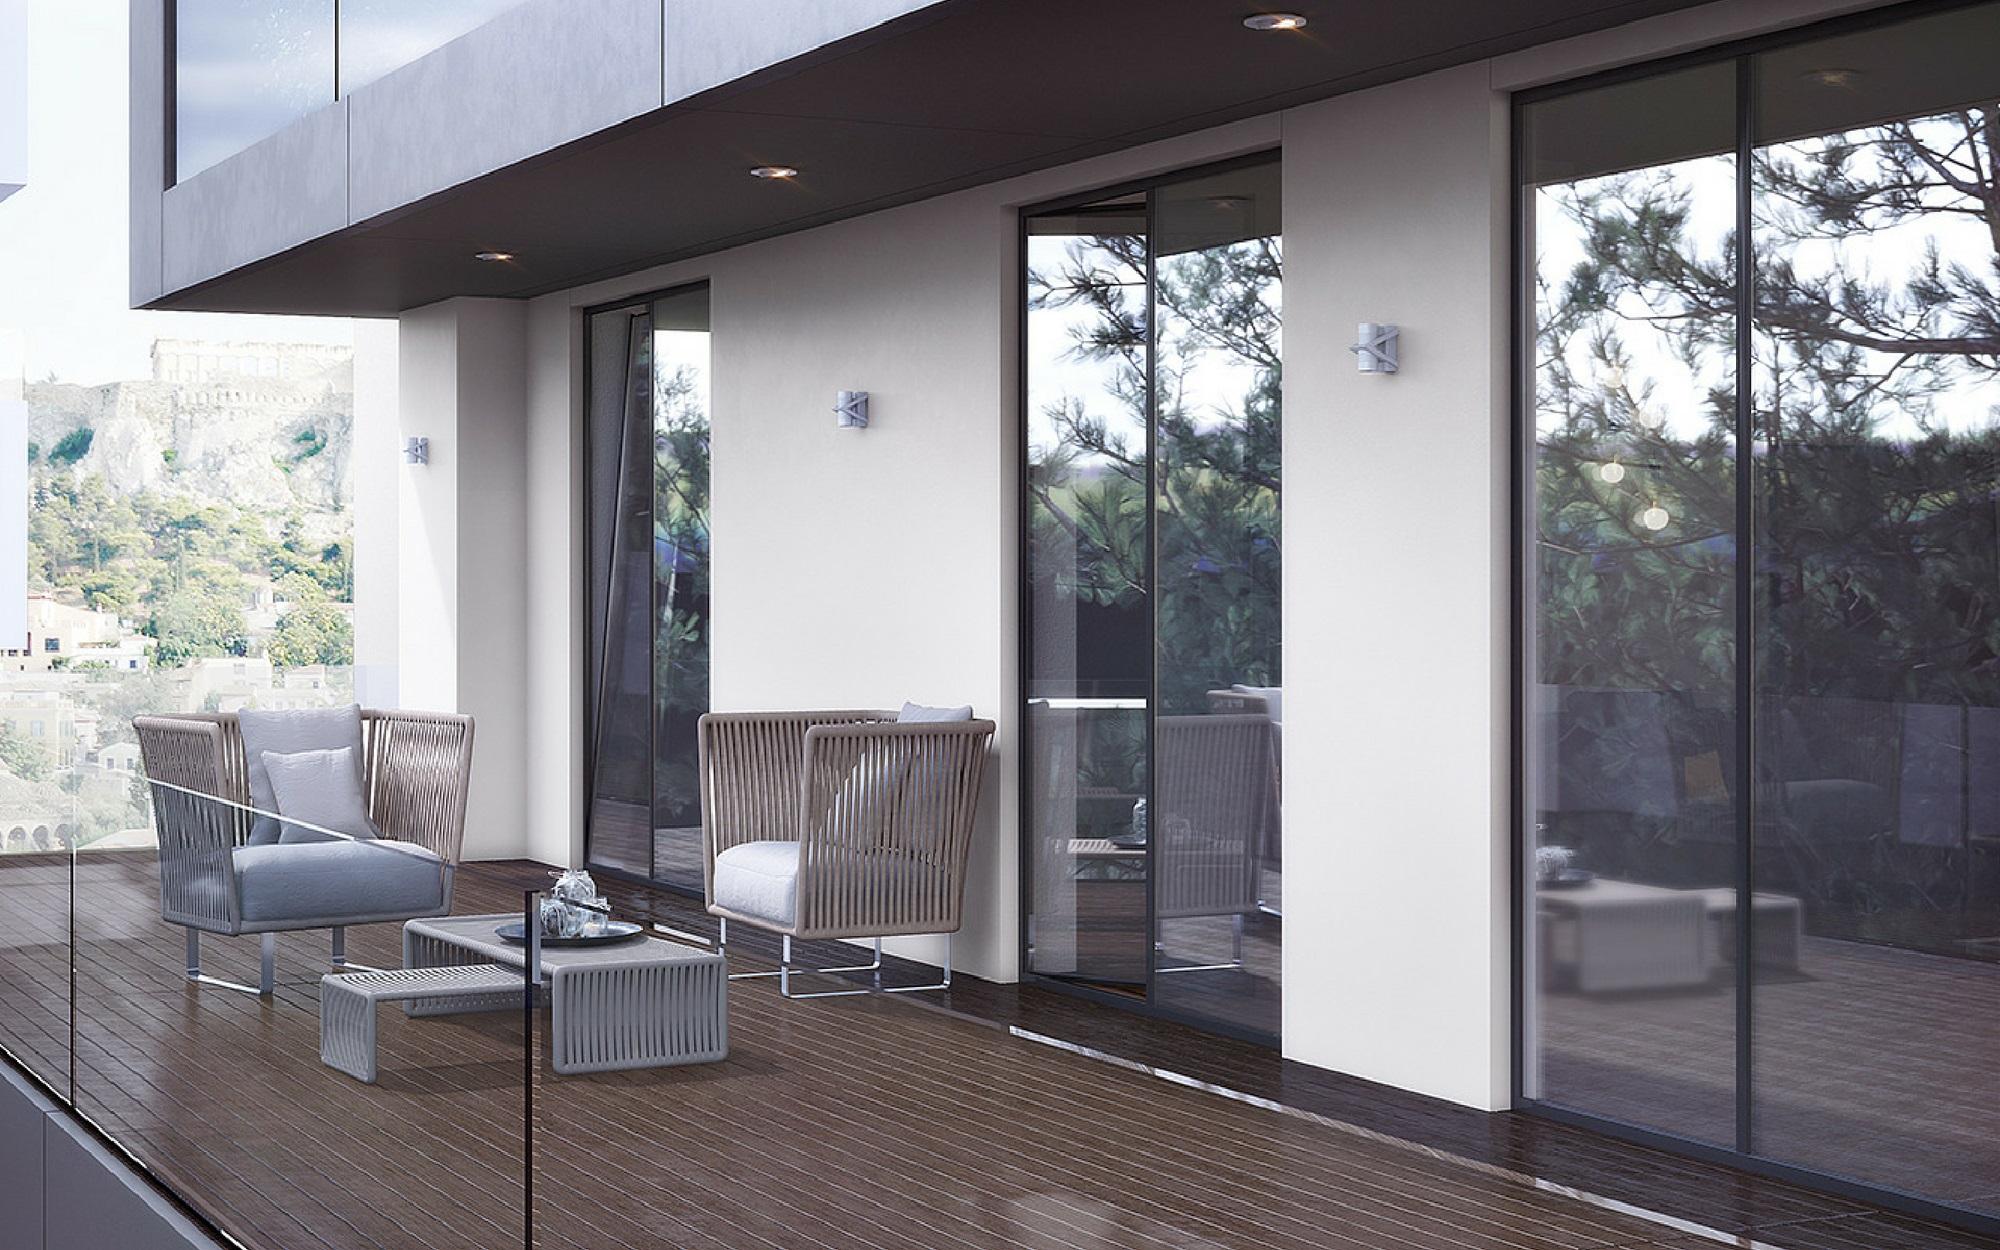 Design minimale ed efficienza energetica